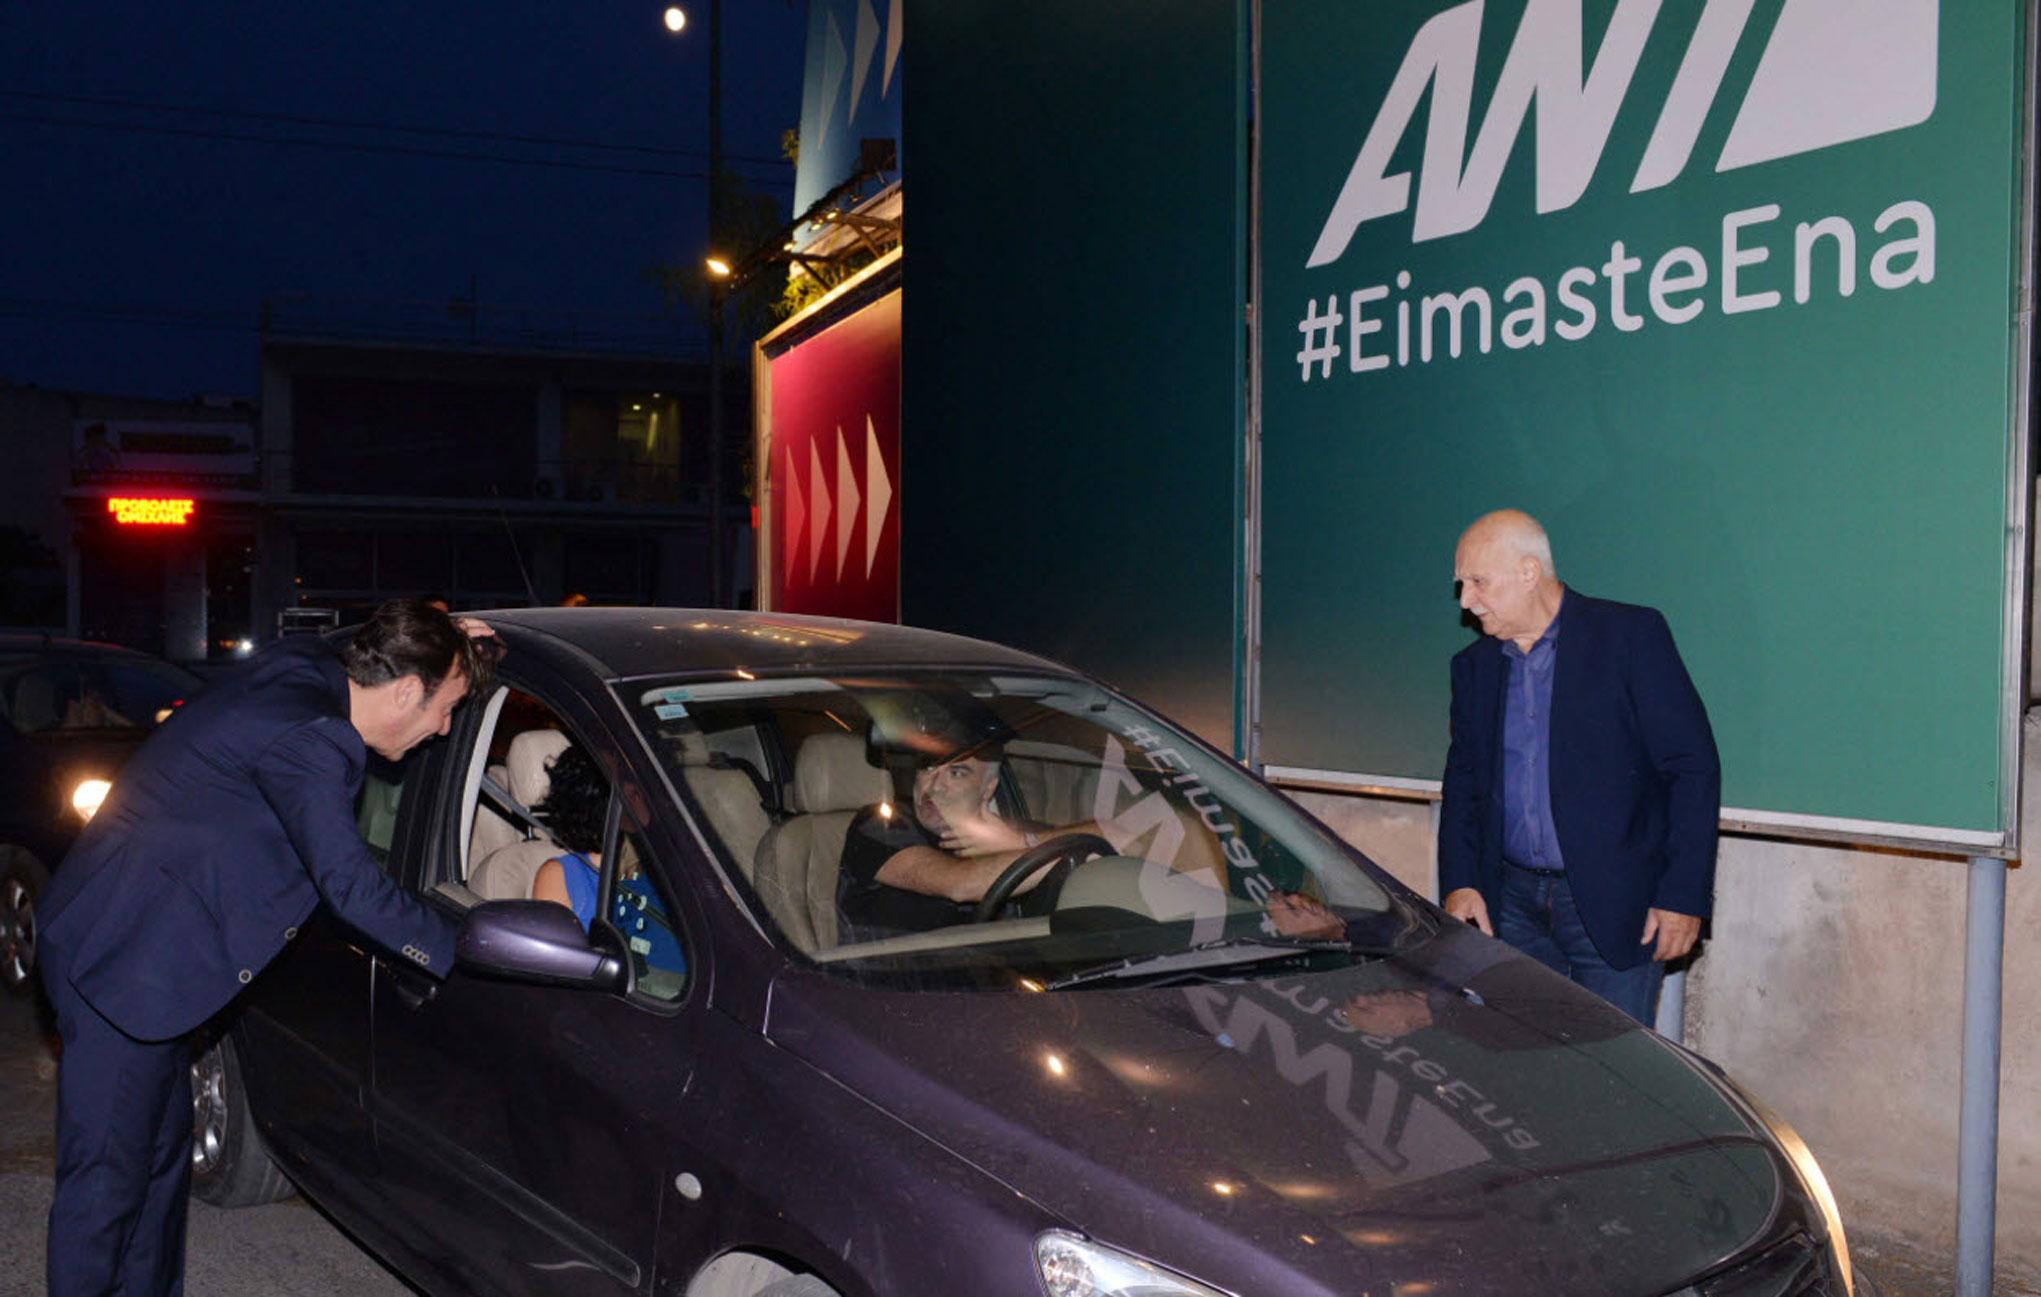 Παρουσίαση προγράμματος με πολλές εκπλήξεις! Ο Παπαδάκης παρκαδόρος και ο Χατζηνικολάου μπάρμαν! [pics]   Newsit.gr